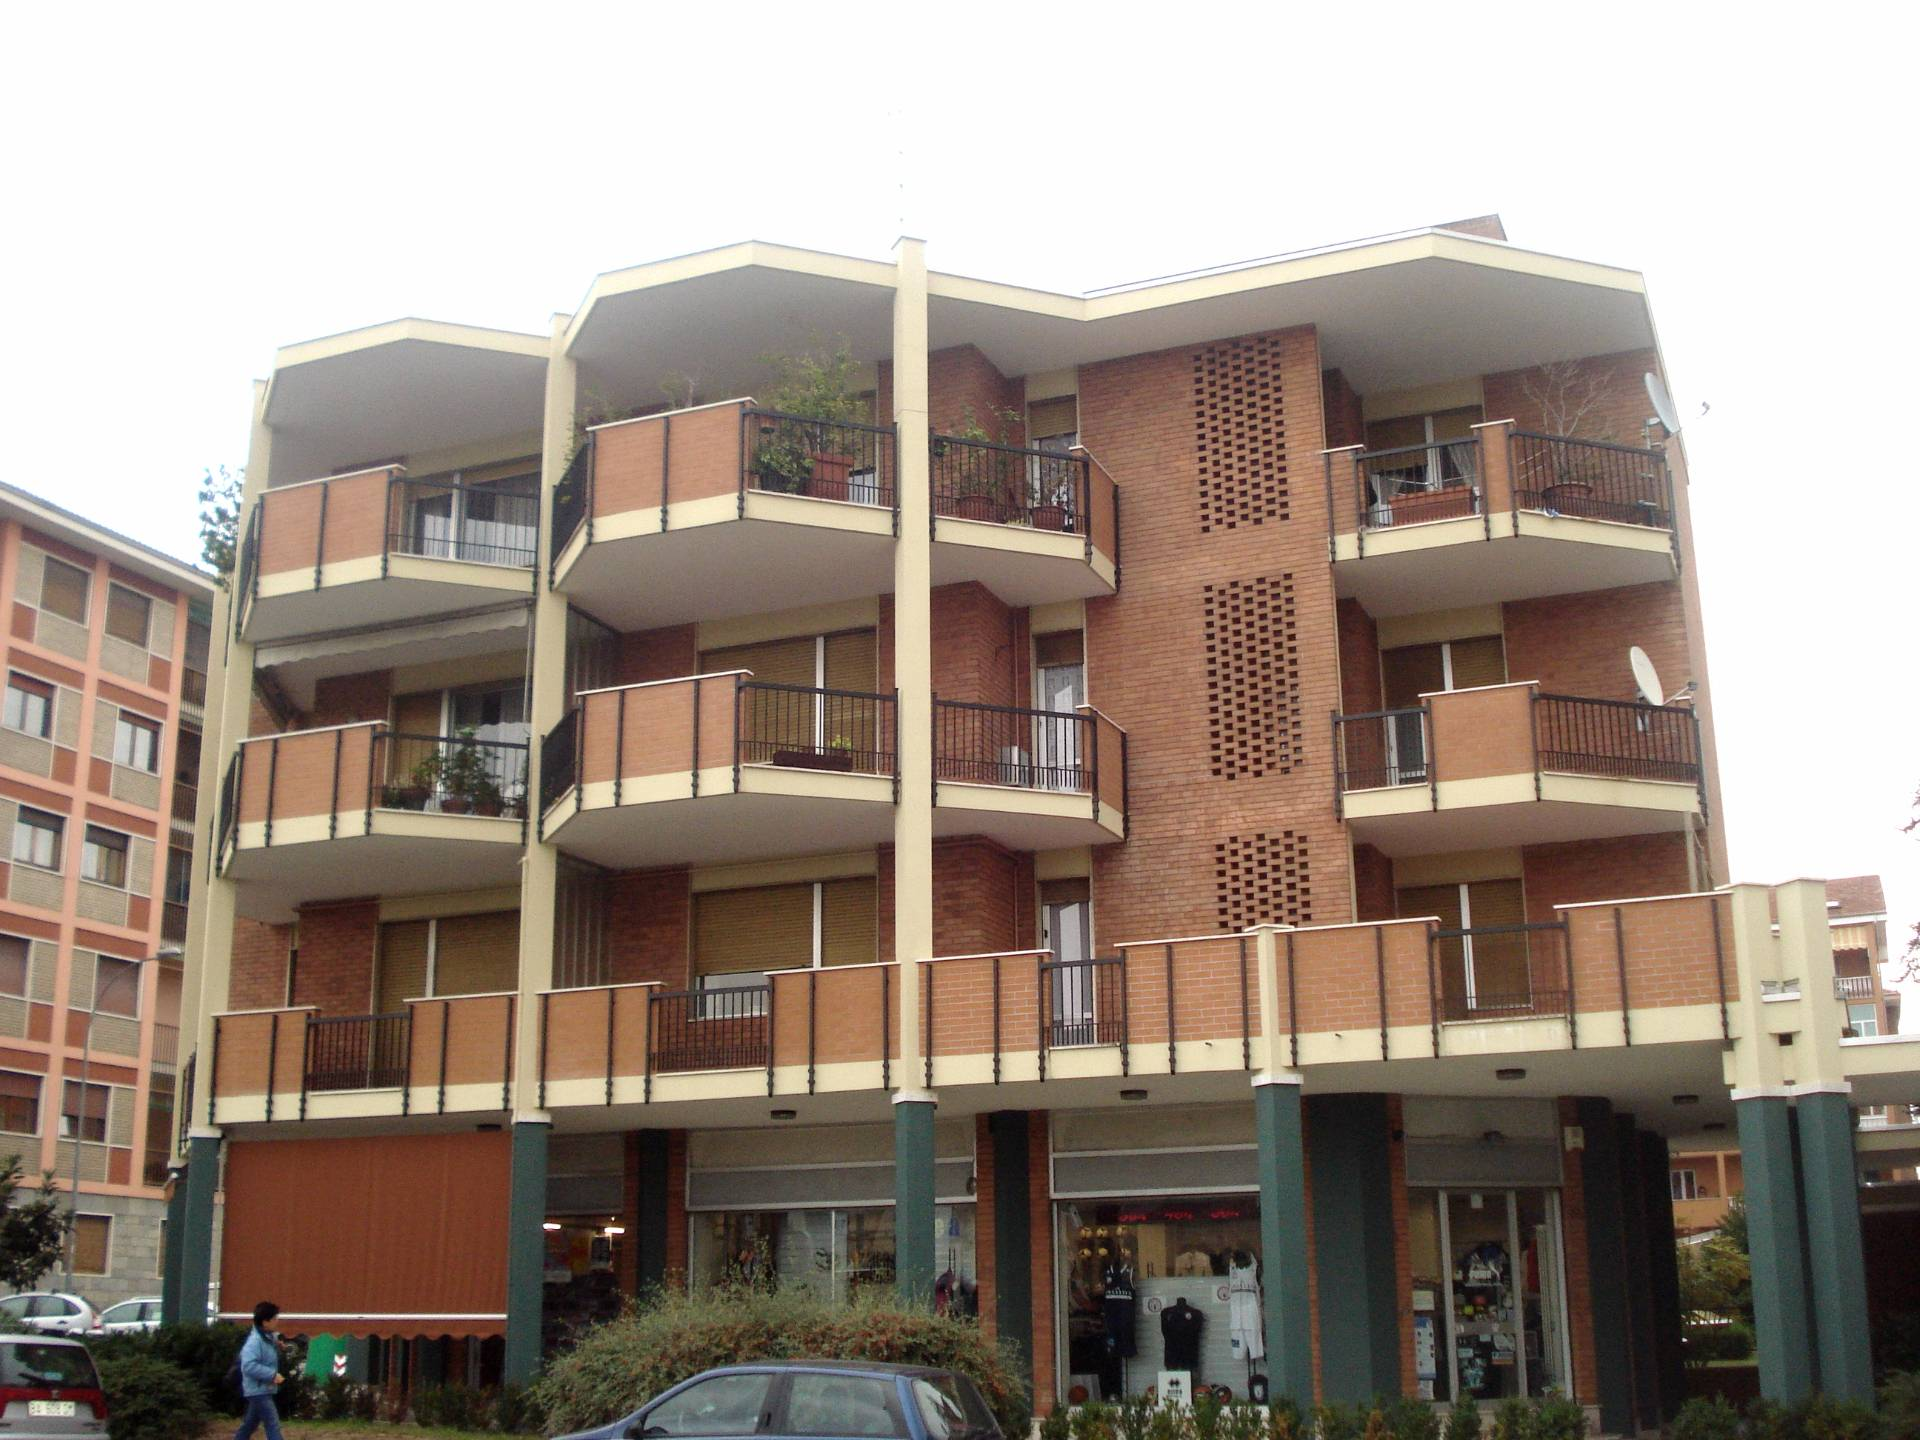 Appartamento in vendita a Biella, 4 locali, zona Zona: Centro, prezzo € 115.000   Cambio Casa.it